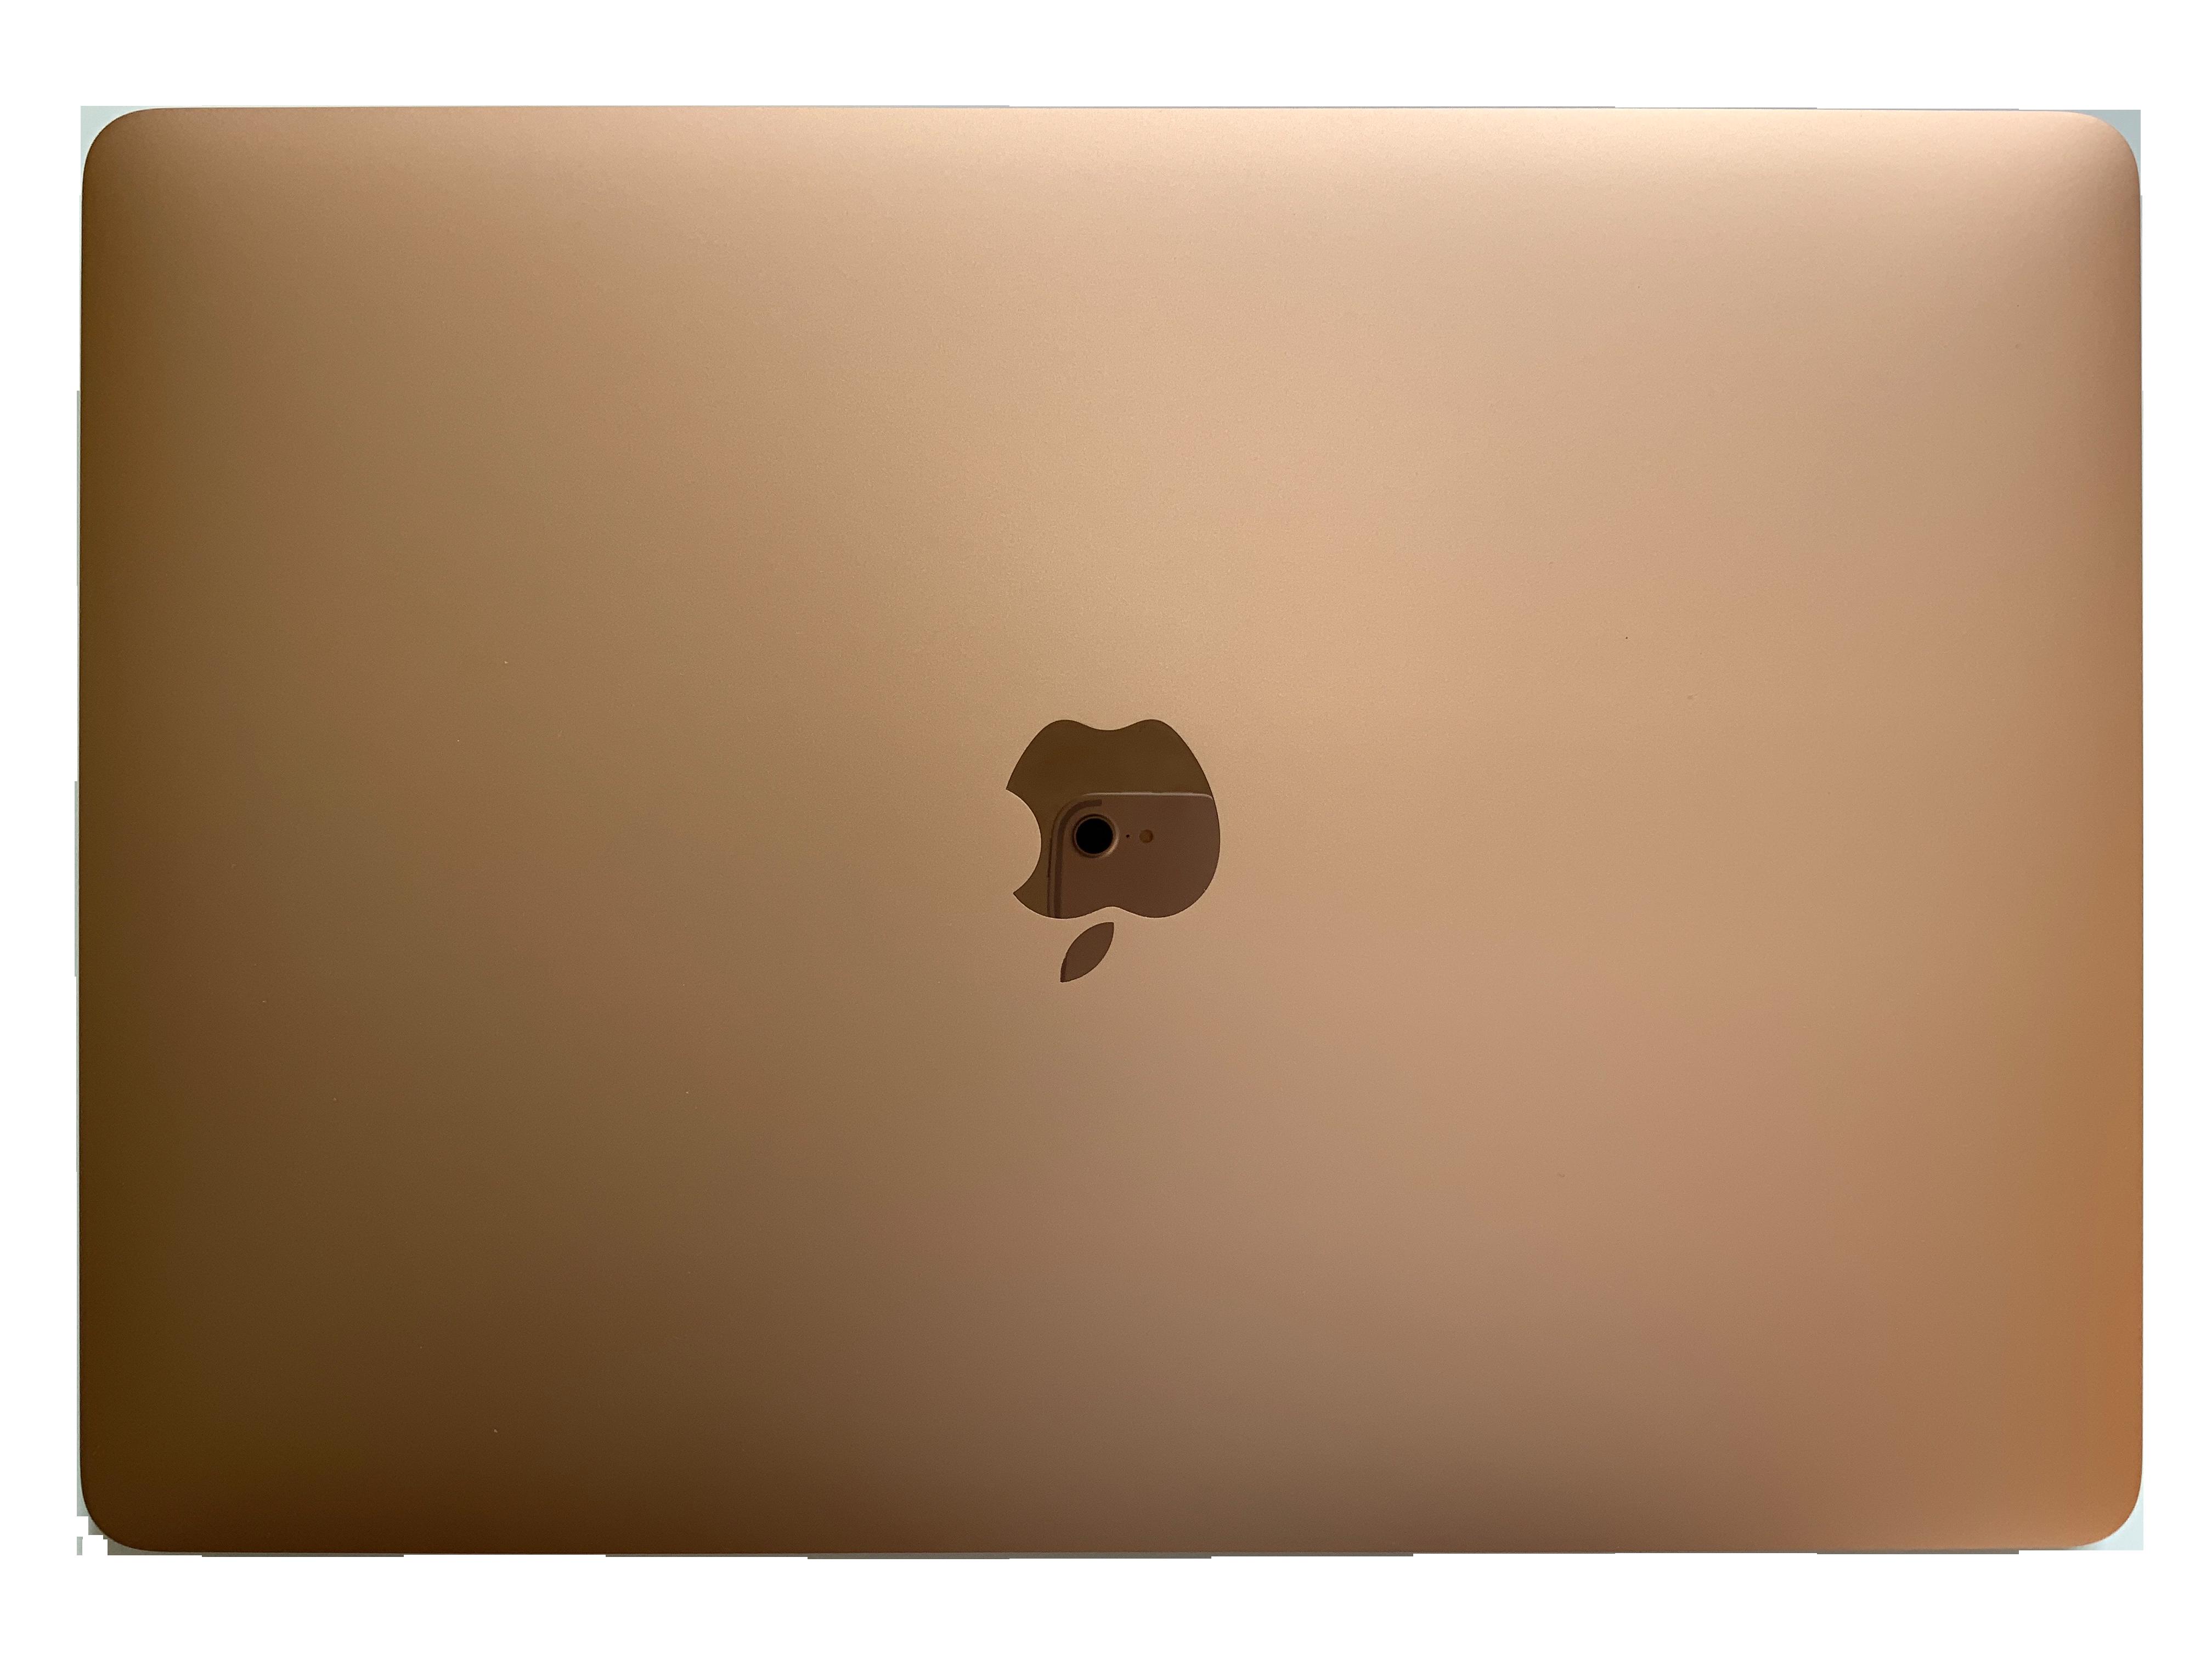 M1 macbookair